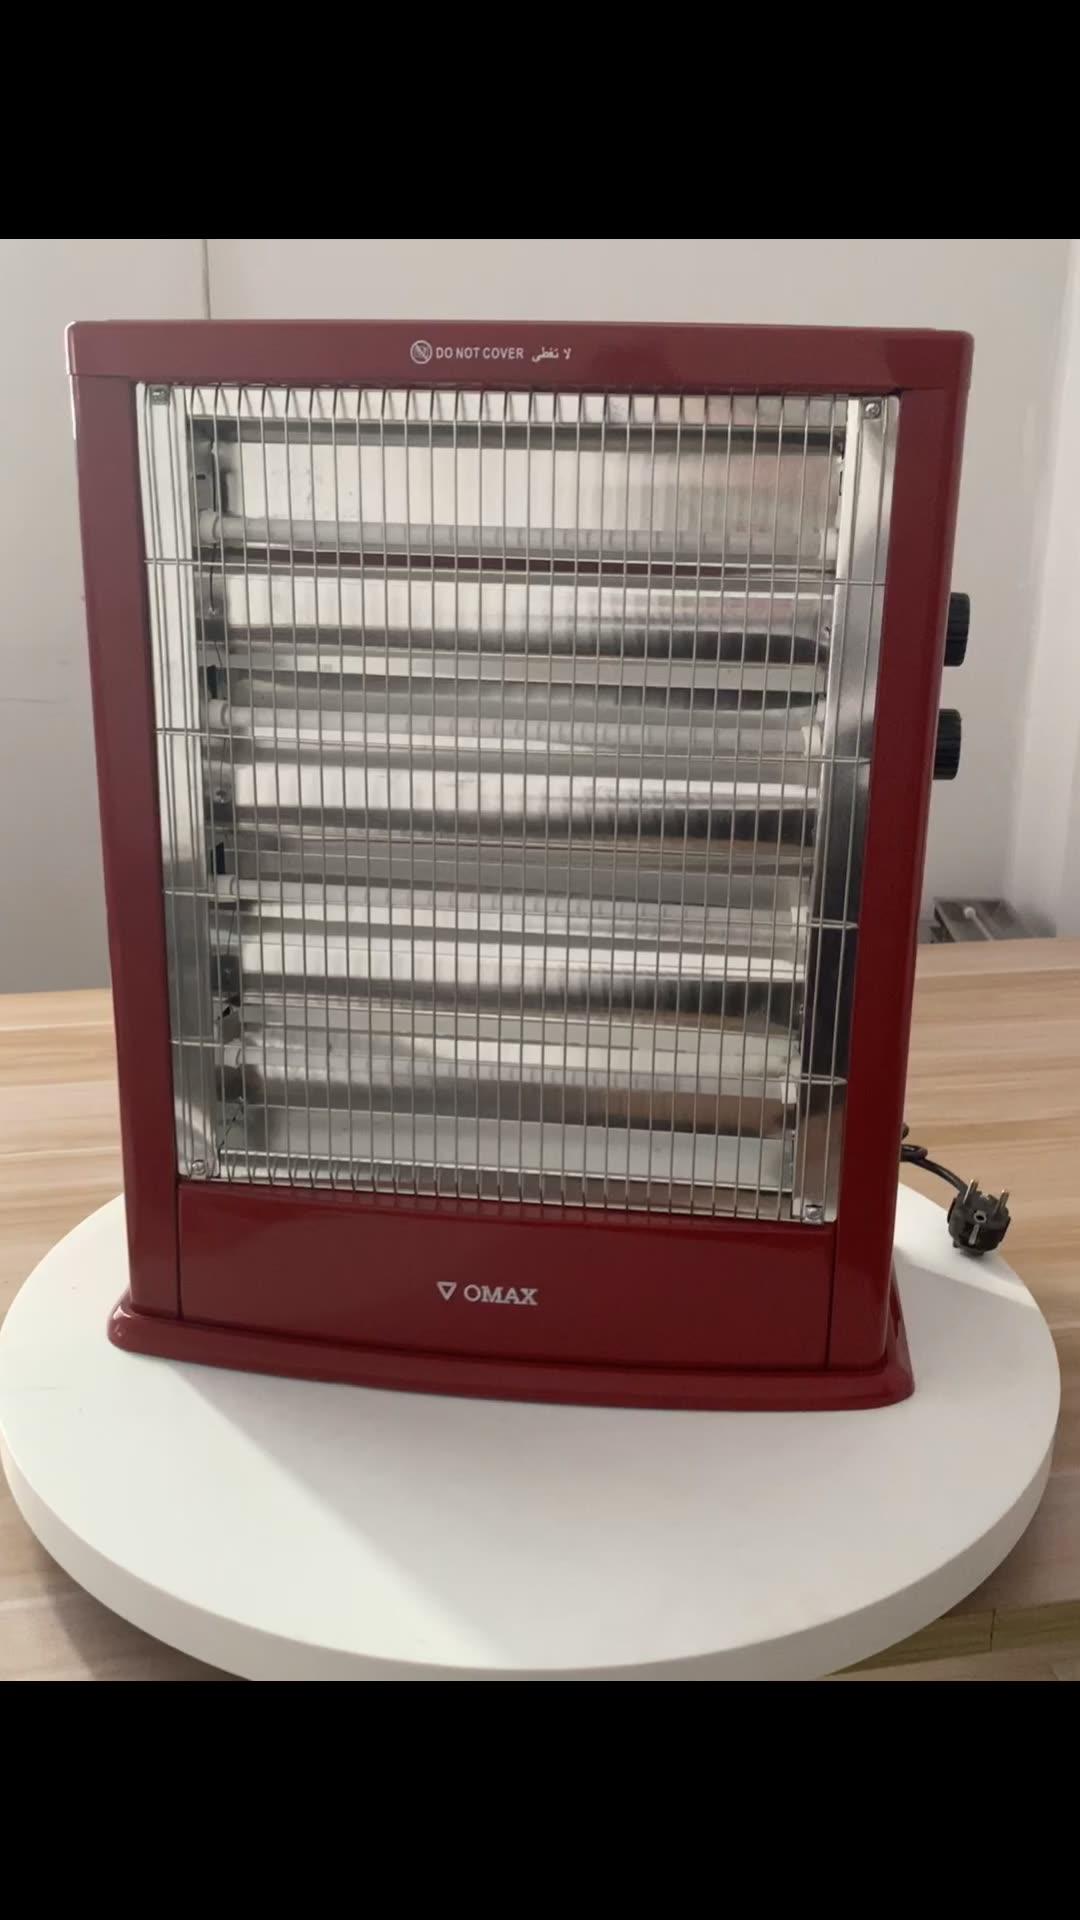 2400w बिजली के साथ 5 क्वार्ट्ज ट्यूब हीटर प्रशंसक और थर्मोस्टेट